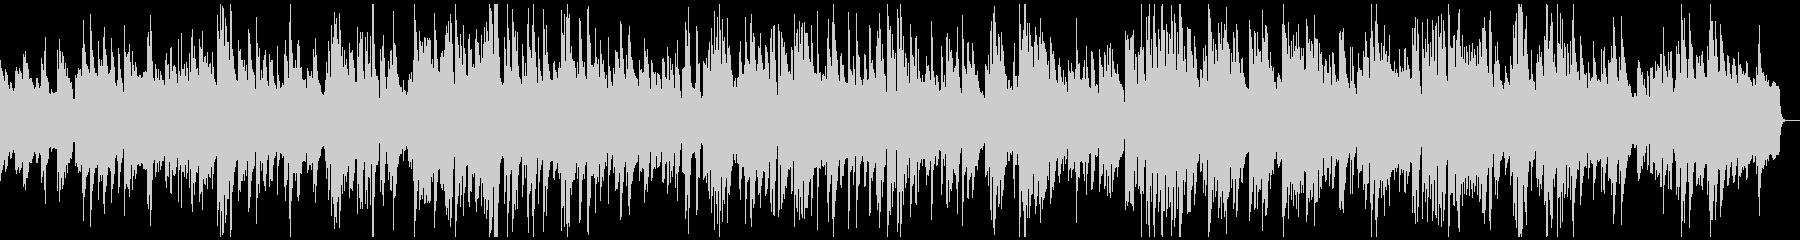 しっとりとしたピアノジャズの未再生の波形